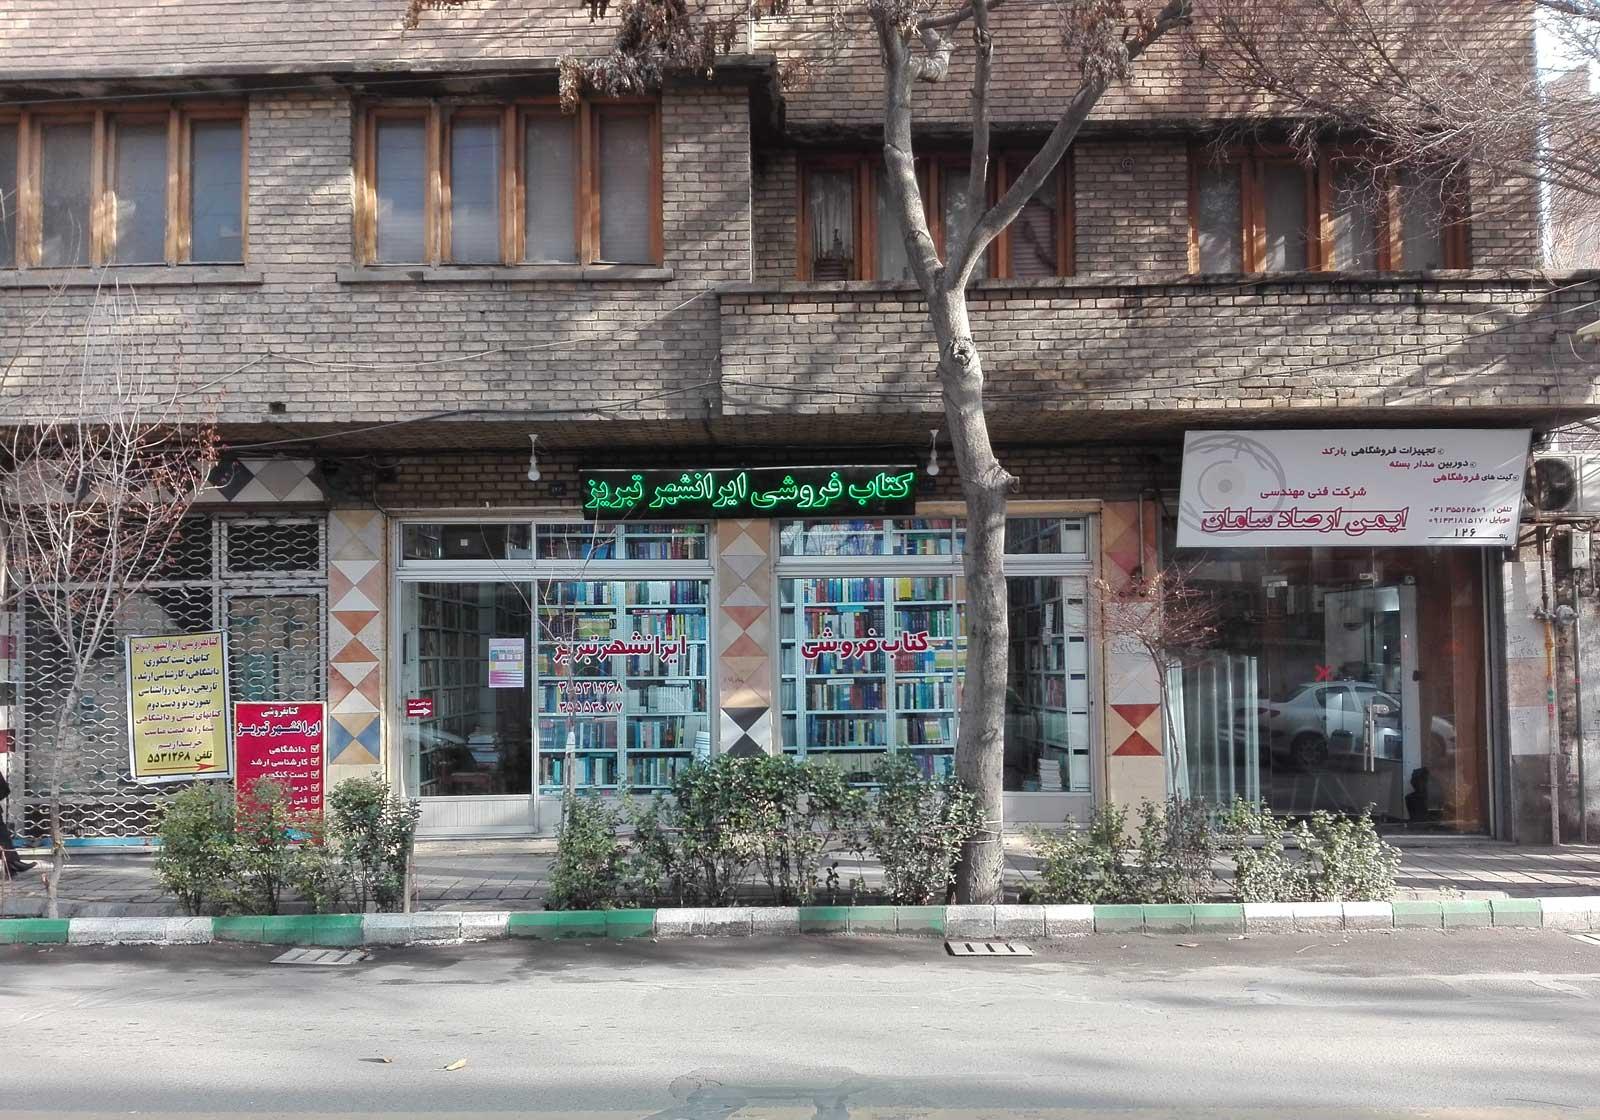 کتابفروشی ایرانشهر تبریز